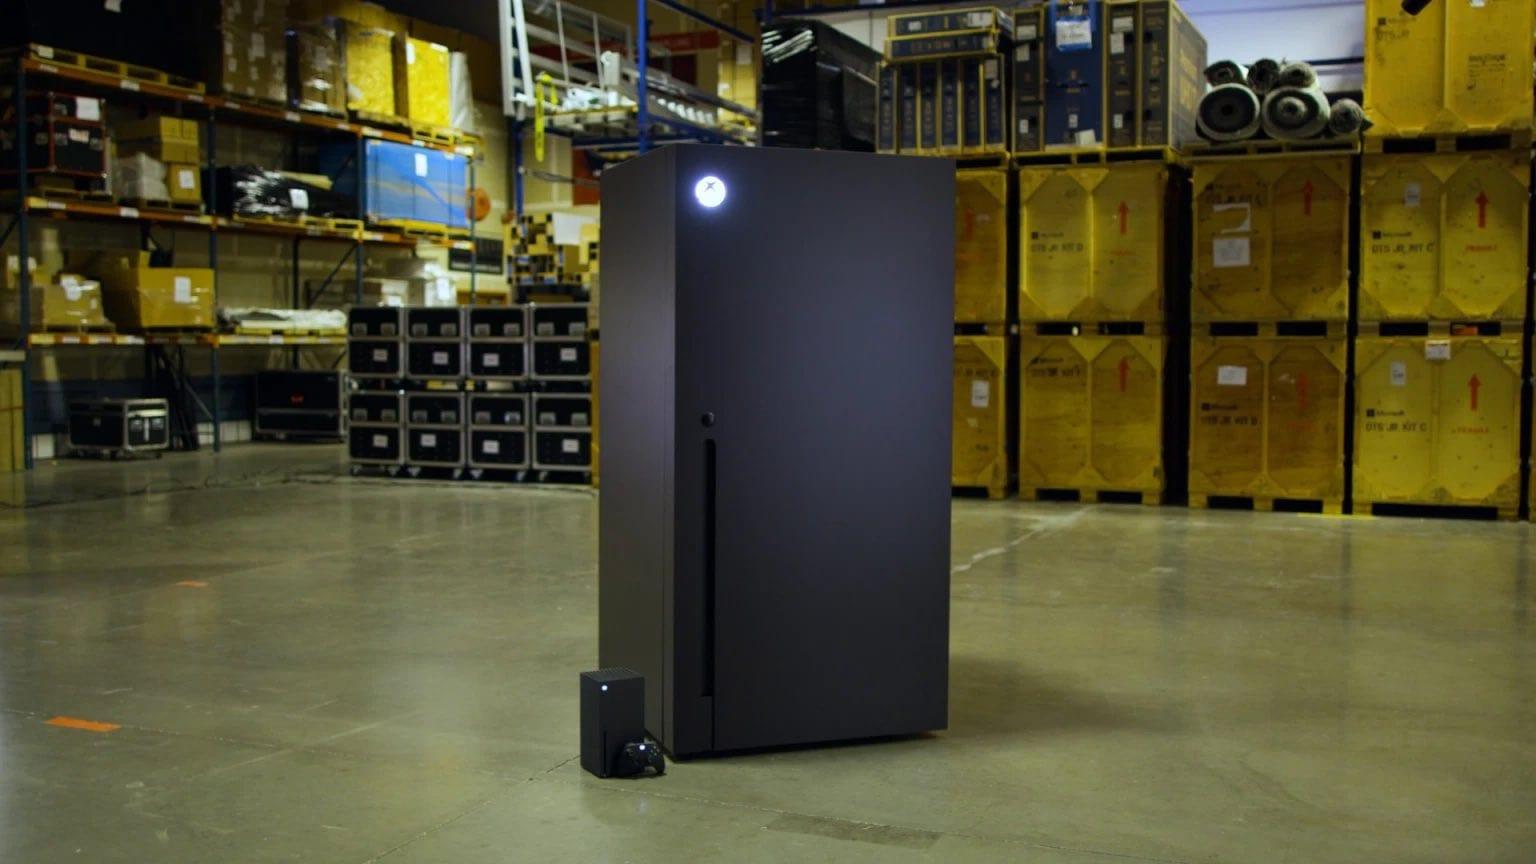 Microsoft promete produzir mini geladeiras do xbox series x. Após vencer um concurso do twitter, gerente de marketing da empresa afirma que serão fabricadas as mini geladeiras do xbox series x